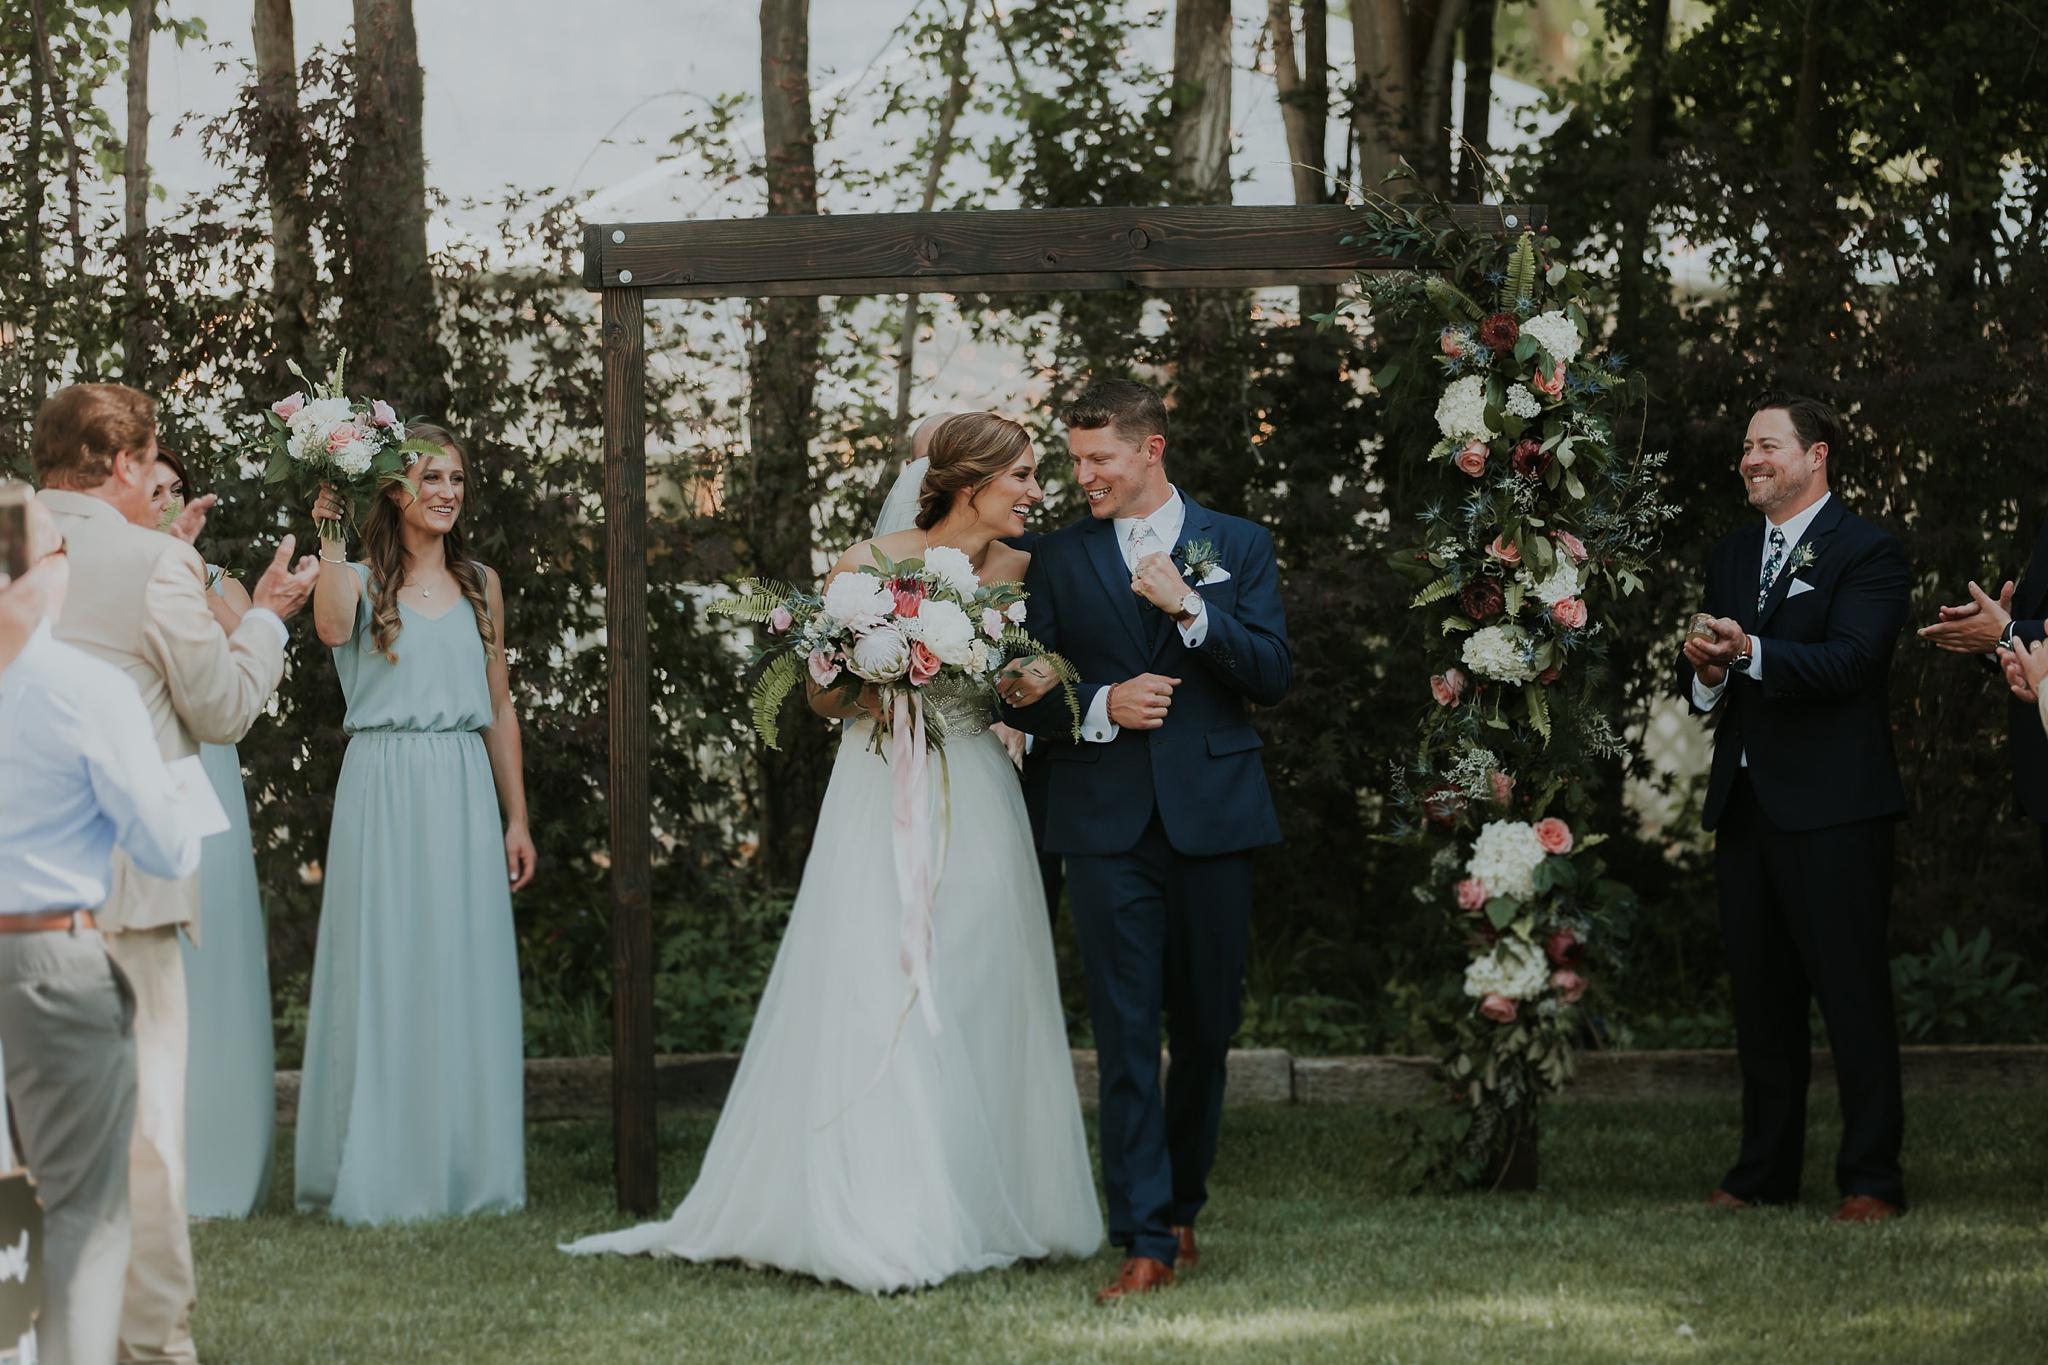 Alicia+lucia+photography+-+albuquerque+wedding+photographer+-+santa+fe+wedding+photography+-+new+mexico+wedding+photographer+-+wedding+ceremony+-+wedding+alter+-+floral+alter_0083.jpg